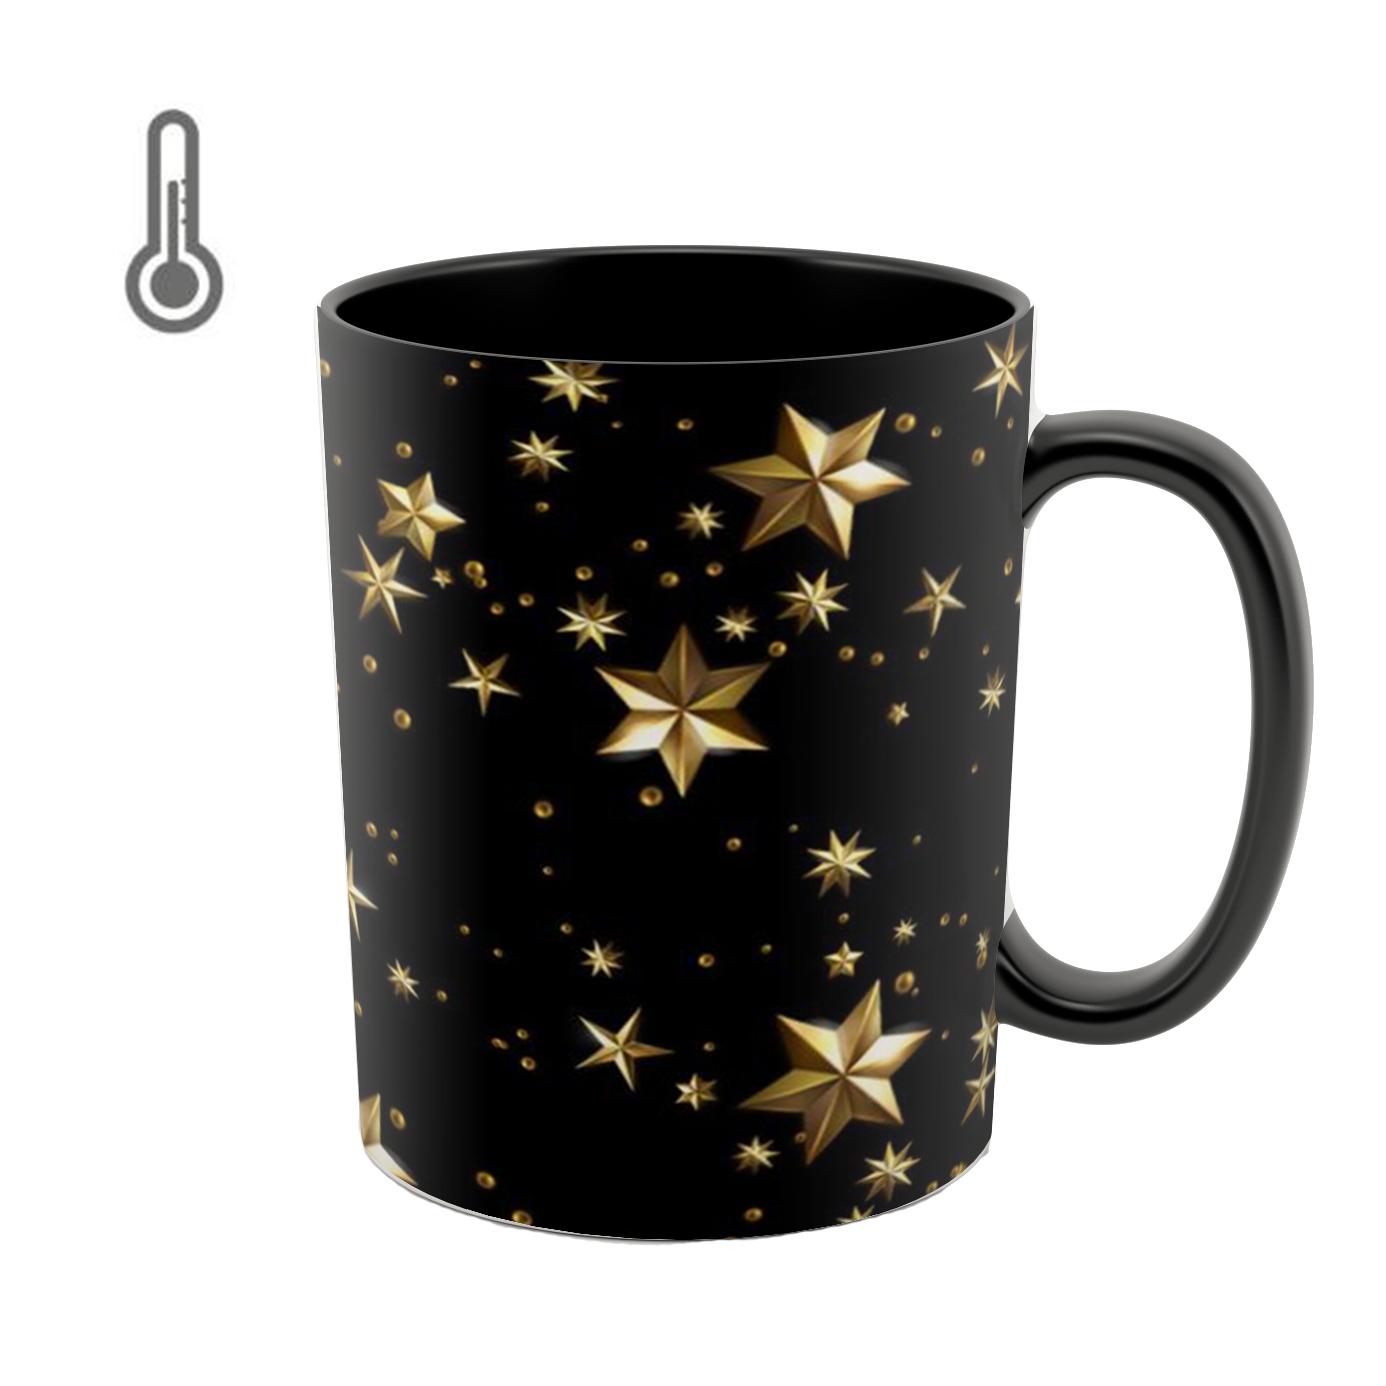 ماگ حرارتی طرح ستاره